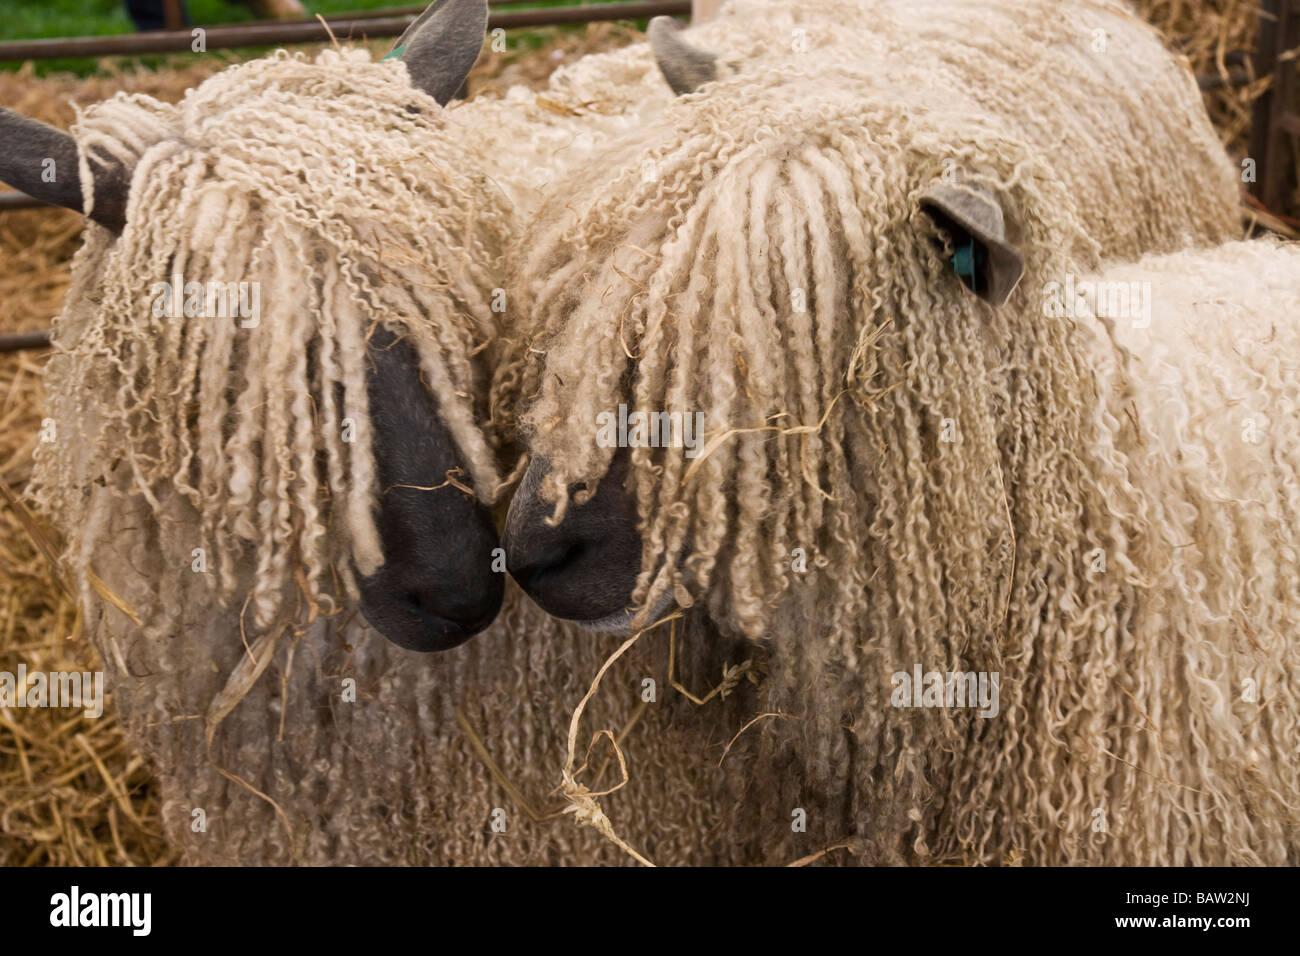 Dos Wensleydale ovejas. Una rara especie de ovejas de los valles de Yorkshire. Imagen De Stock